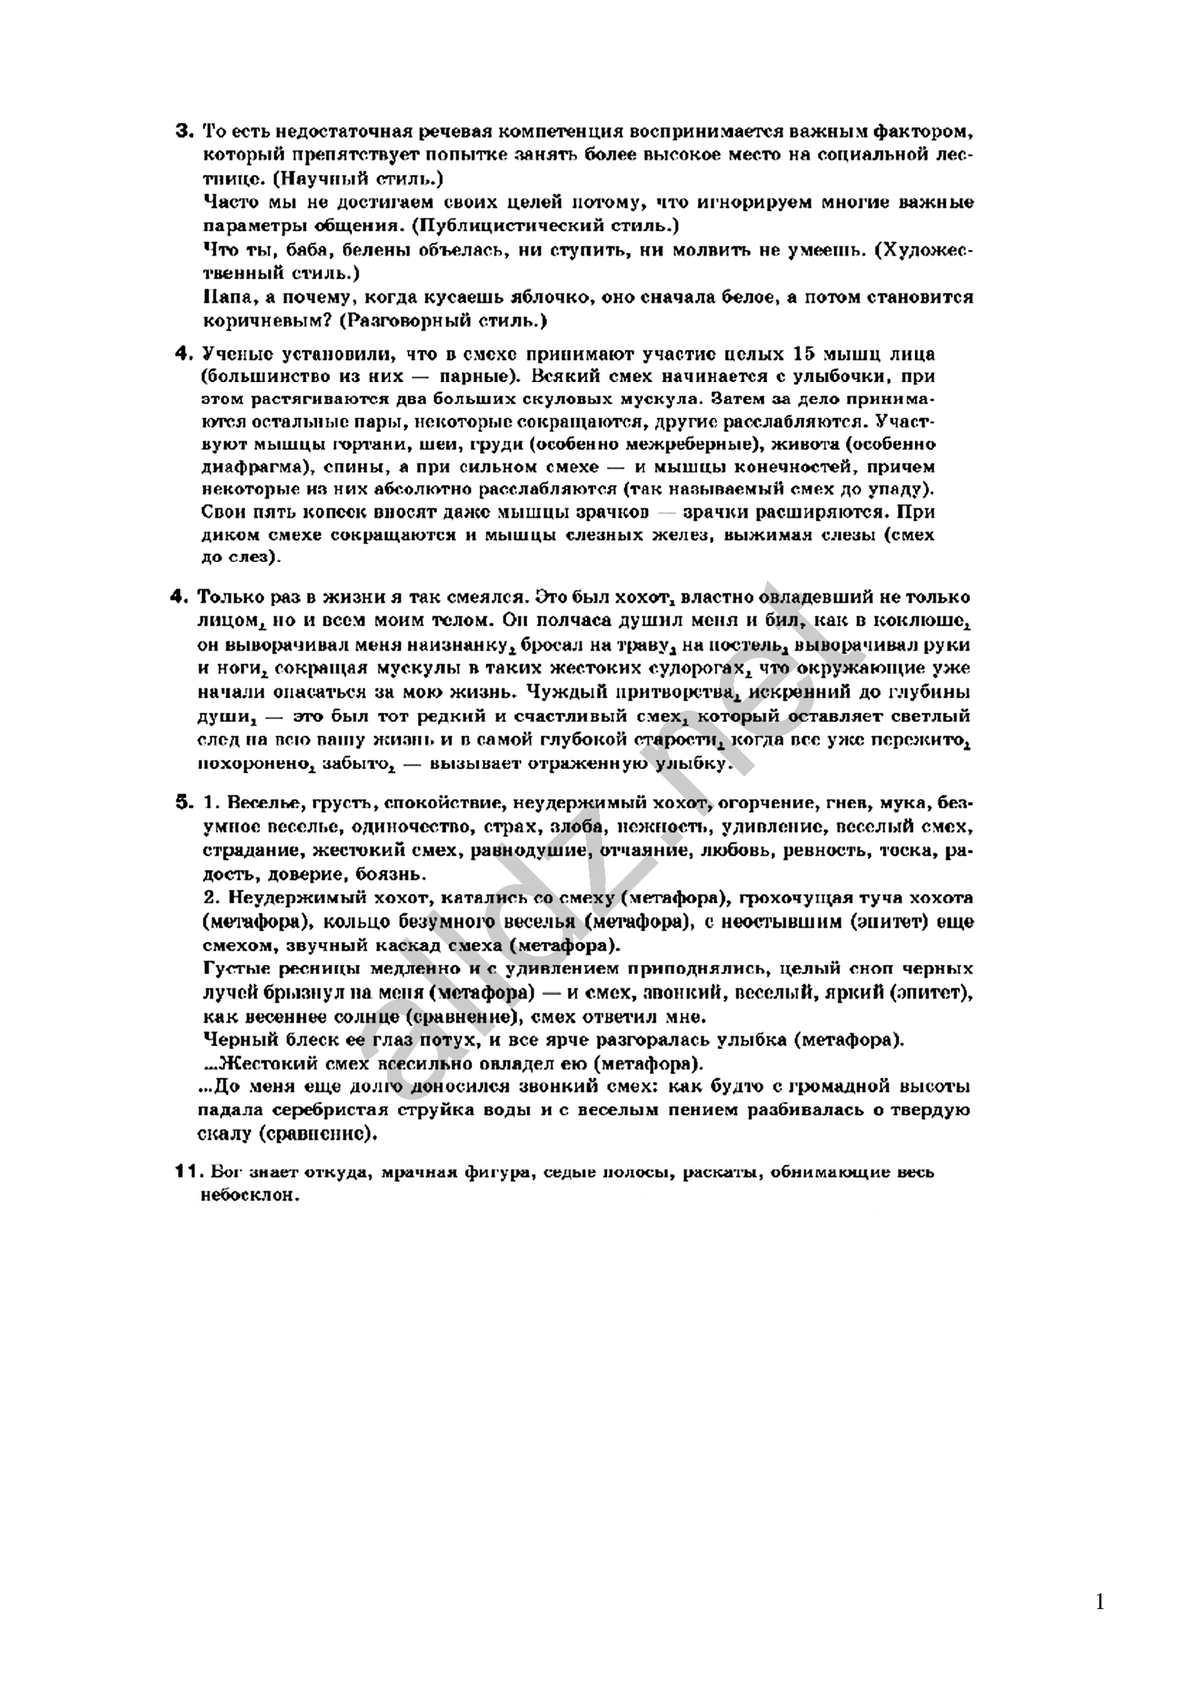 Русский язык А.Н. Рудяков, Т.Я. Фролова 10